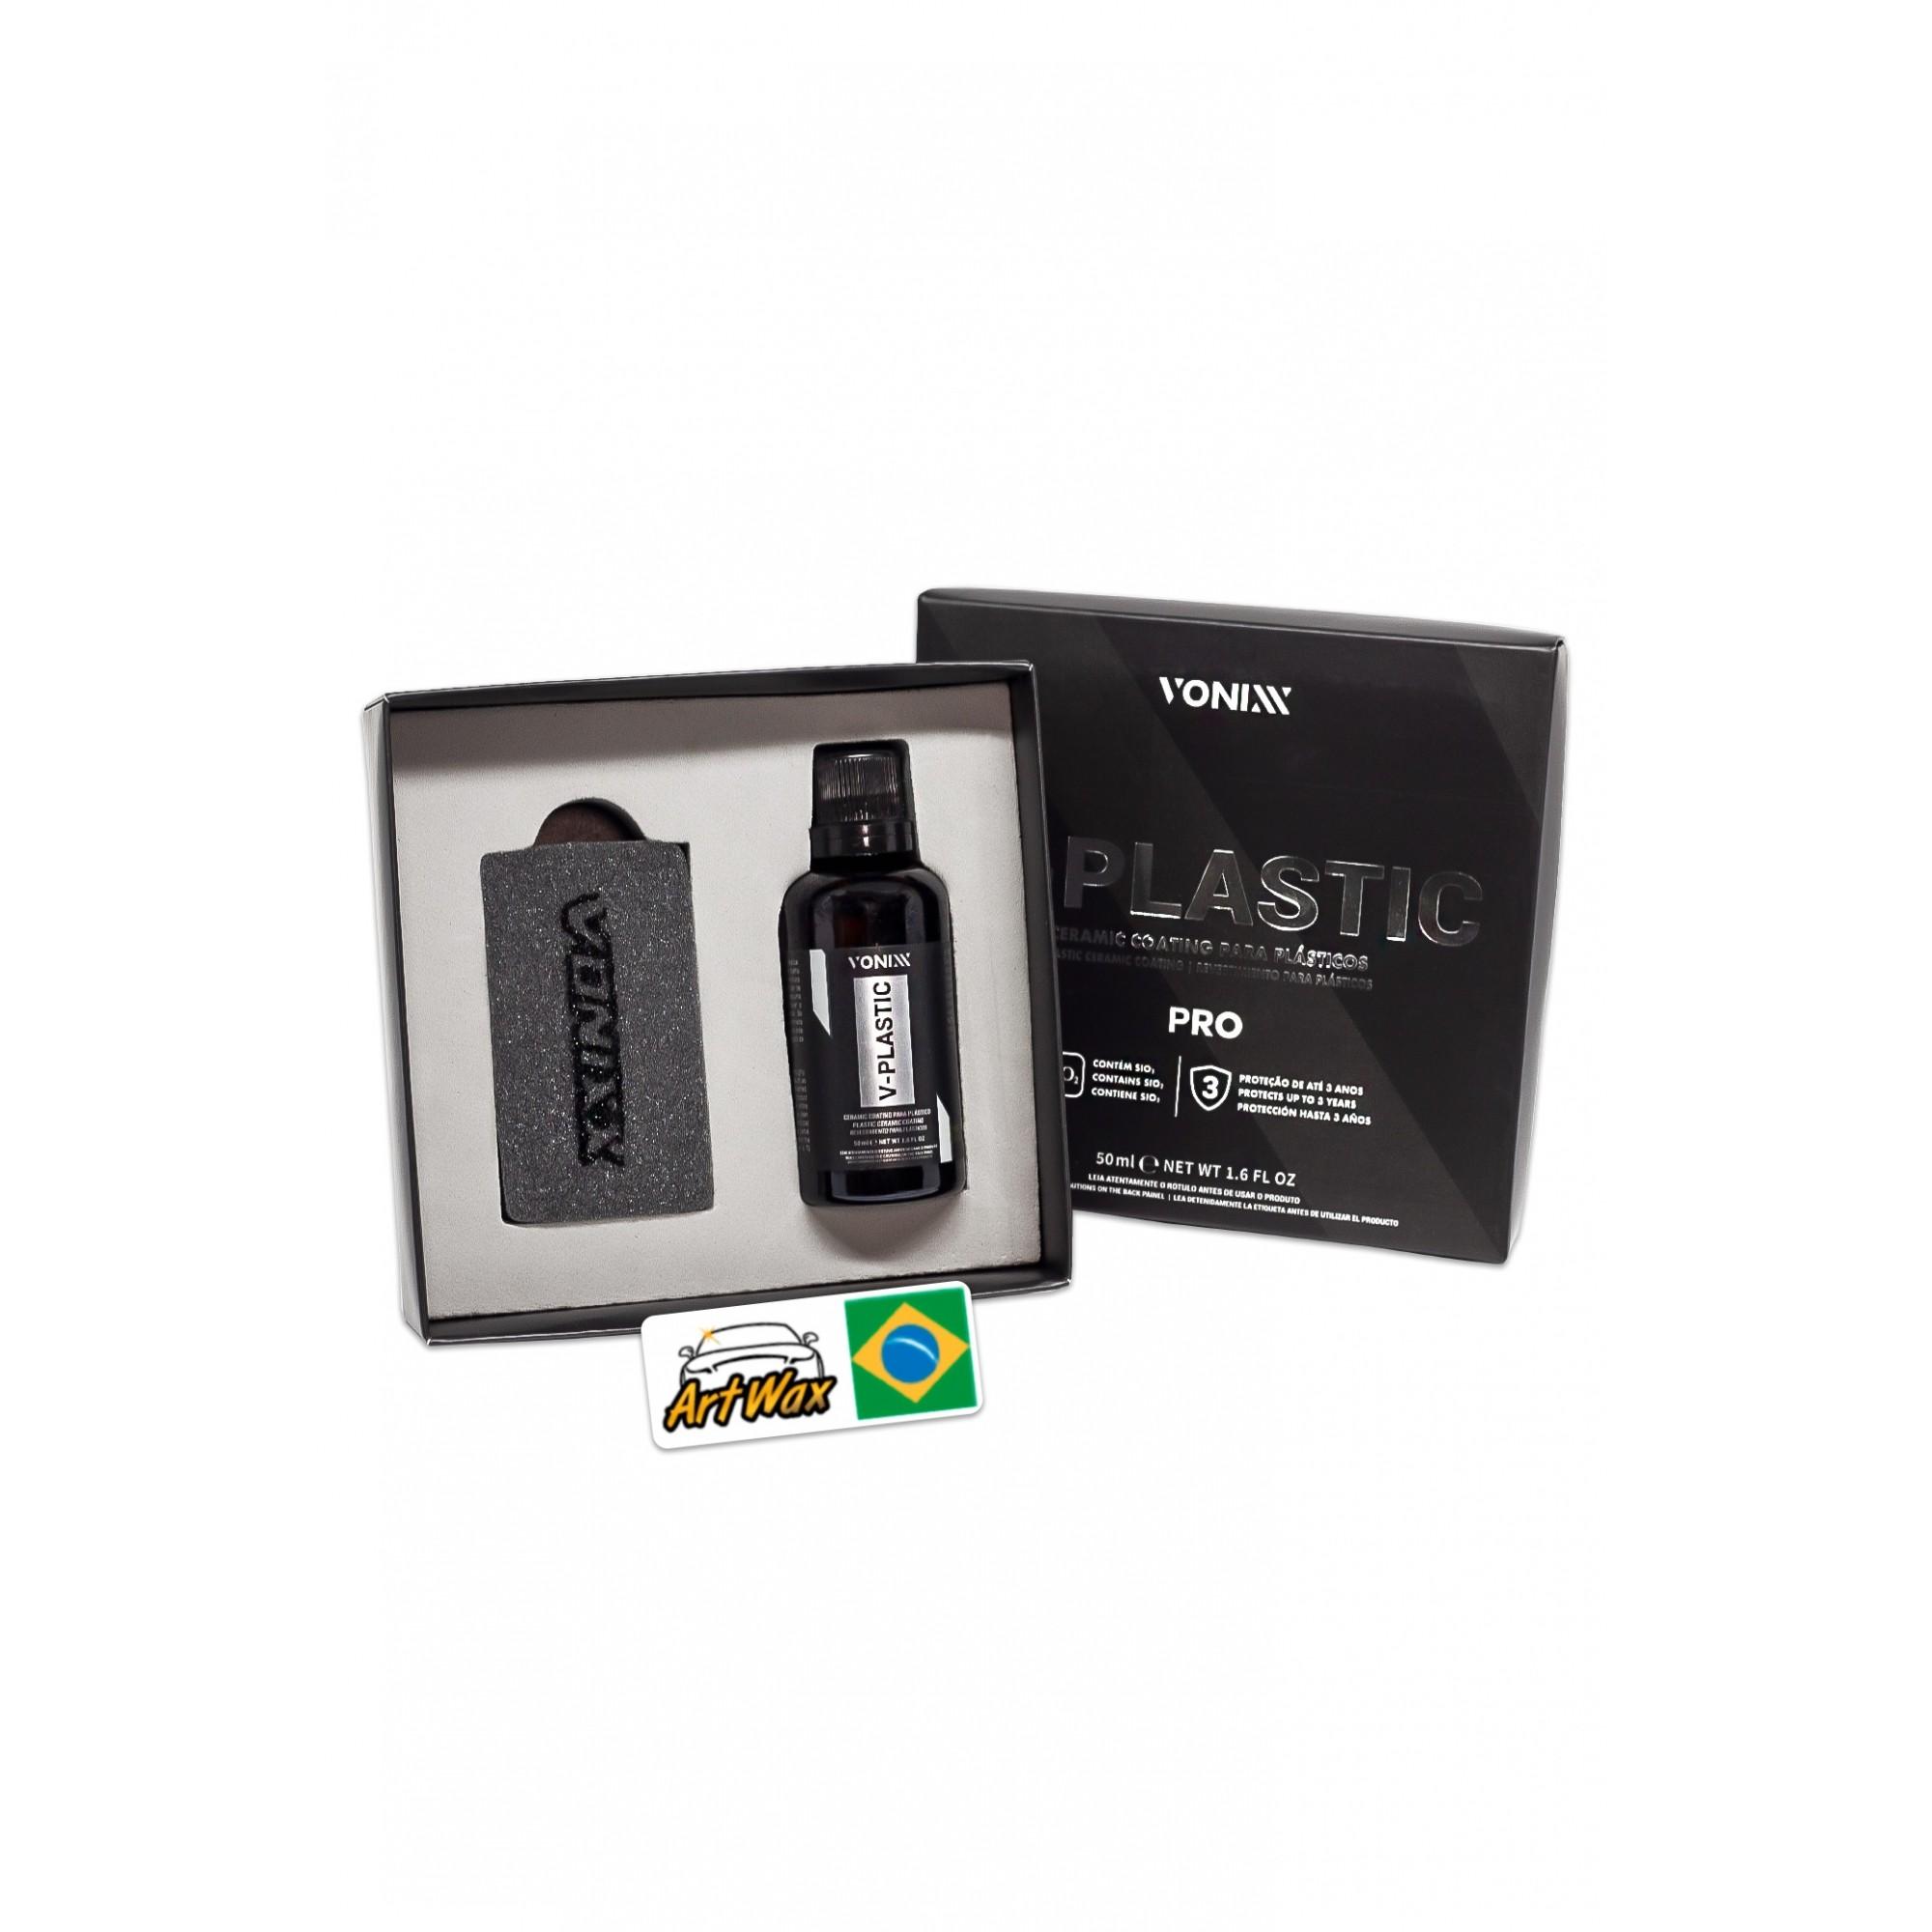 Vonixx V-Plastic Vitrificador para plástico - 50 ml - Nova Formula